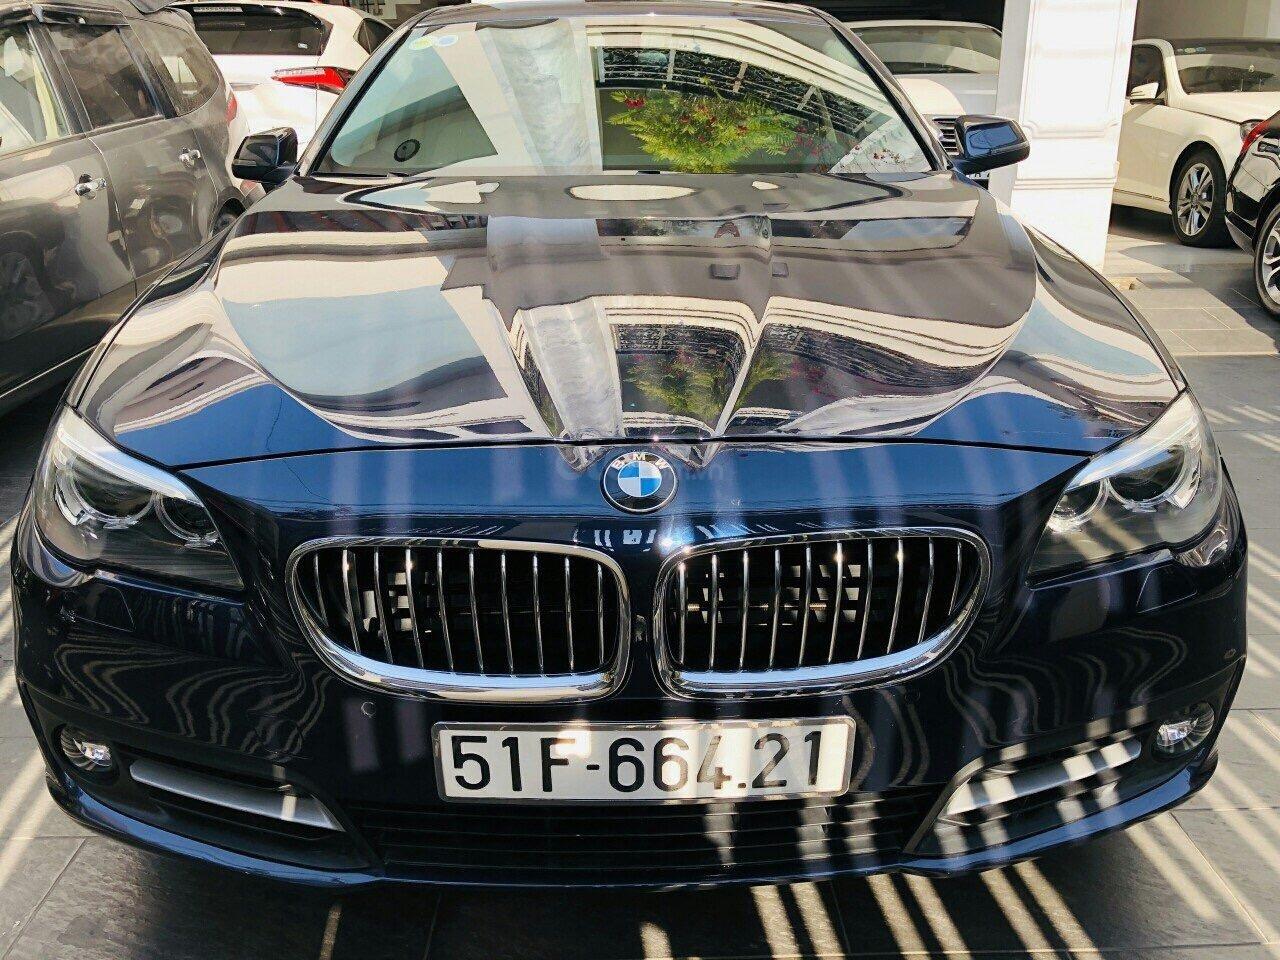 Bán BMW 520i sản xuất 2016, xe đẹp, đi ít, cam kết chất lượng bao kiểm tra hãng-0